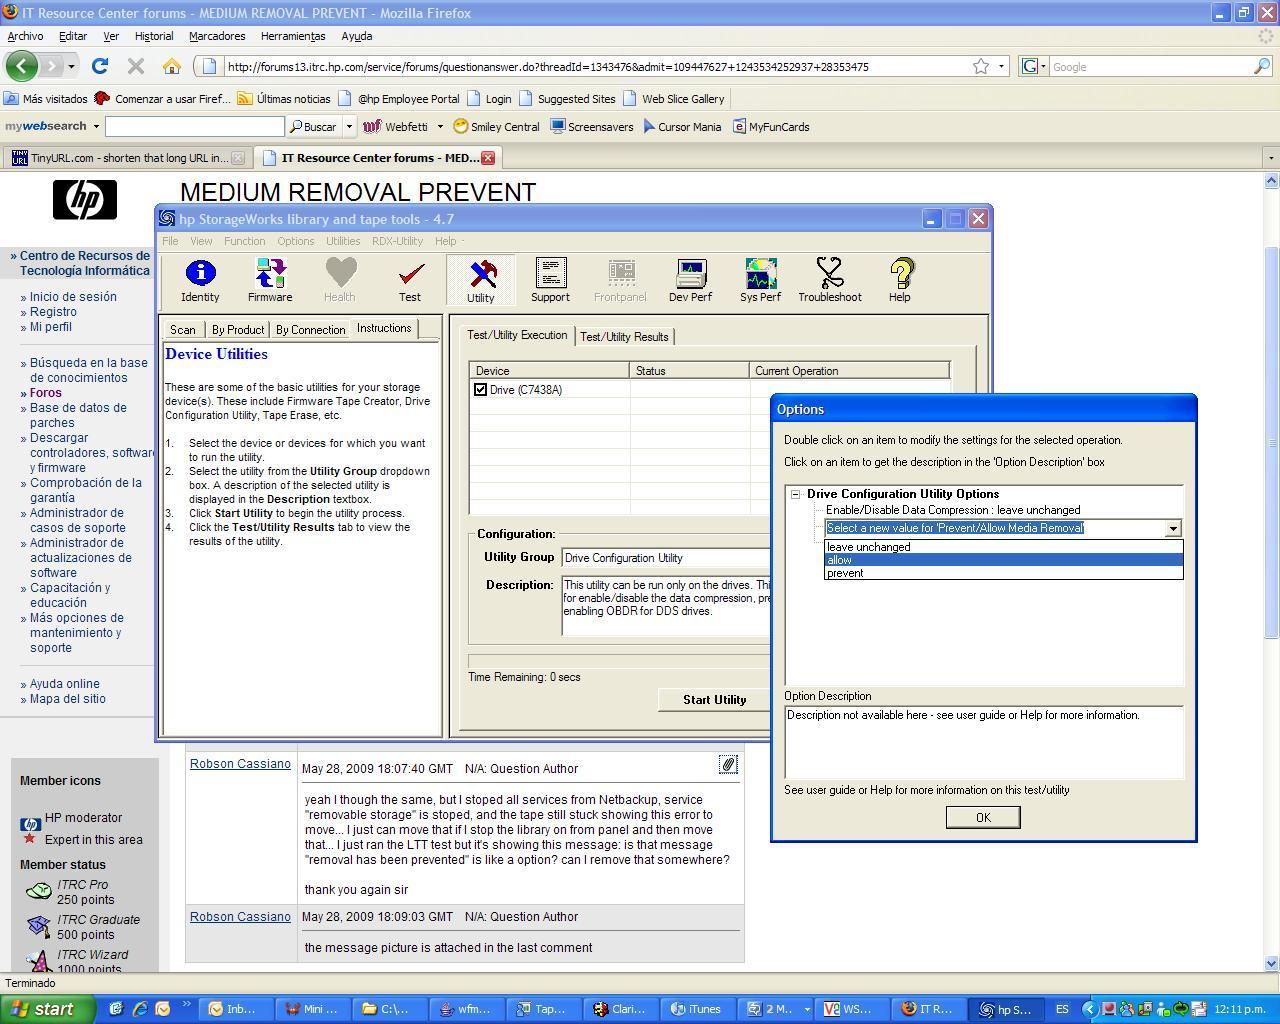 Solved: MEDIUM REMOVAL PREVENT - Hewlett Packard Enterprise